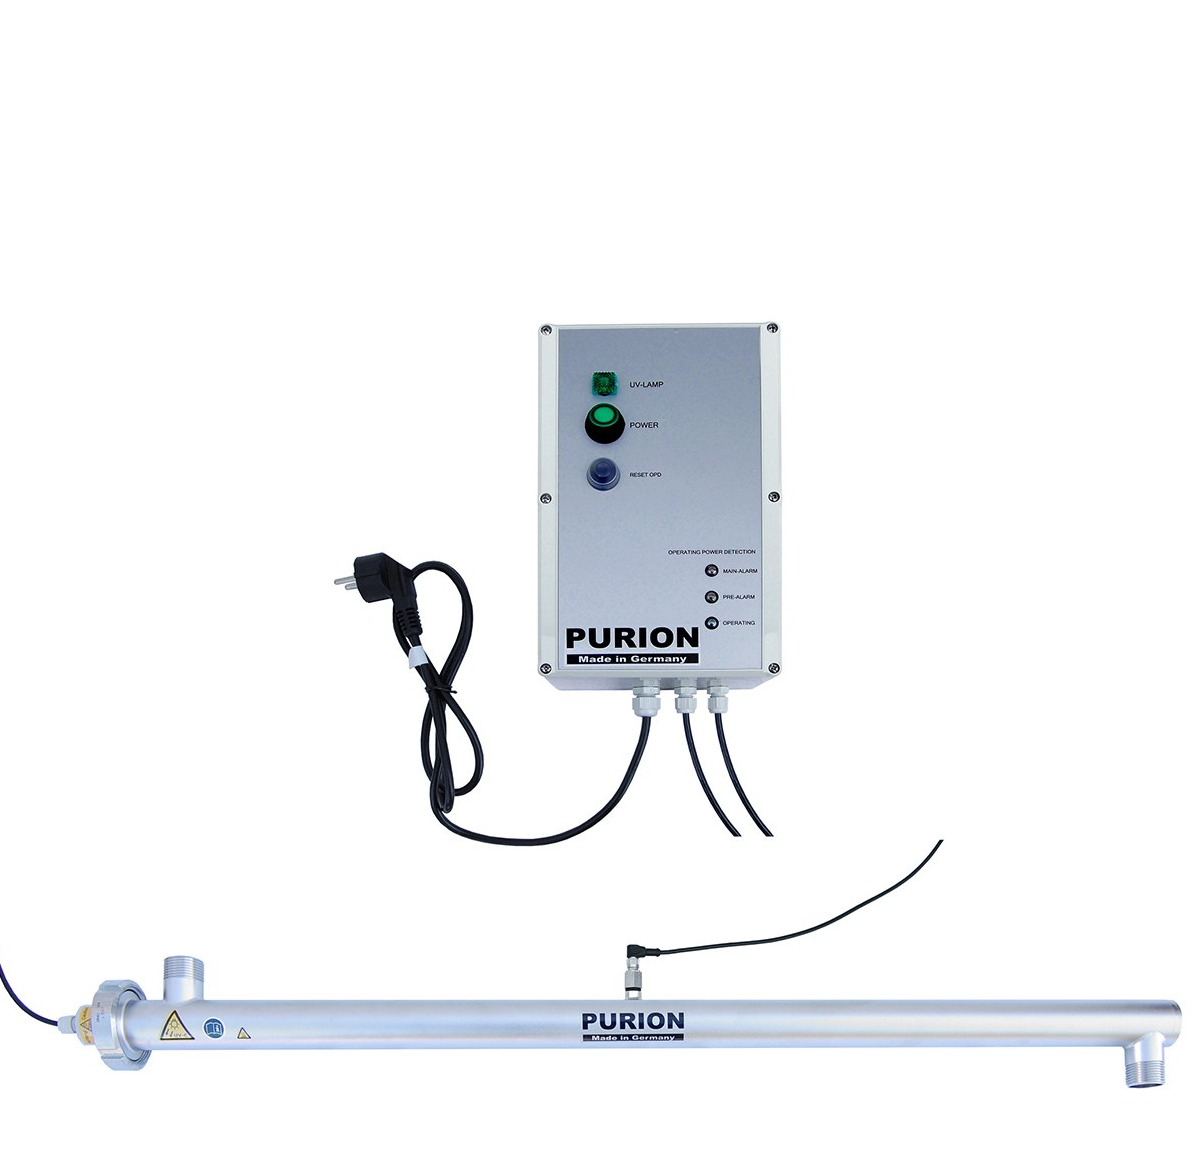 UV-Anlage Purion 2500 mit Sensorüberwachung